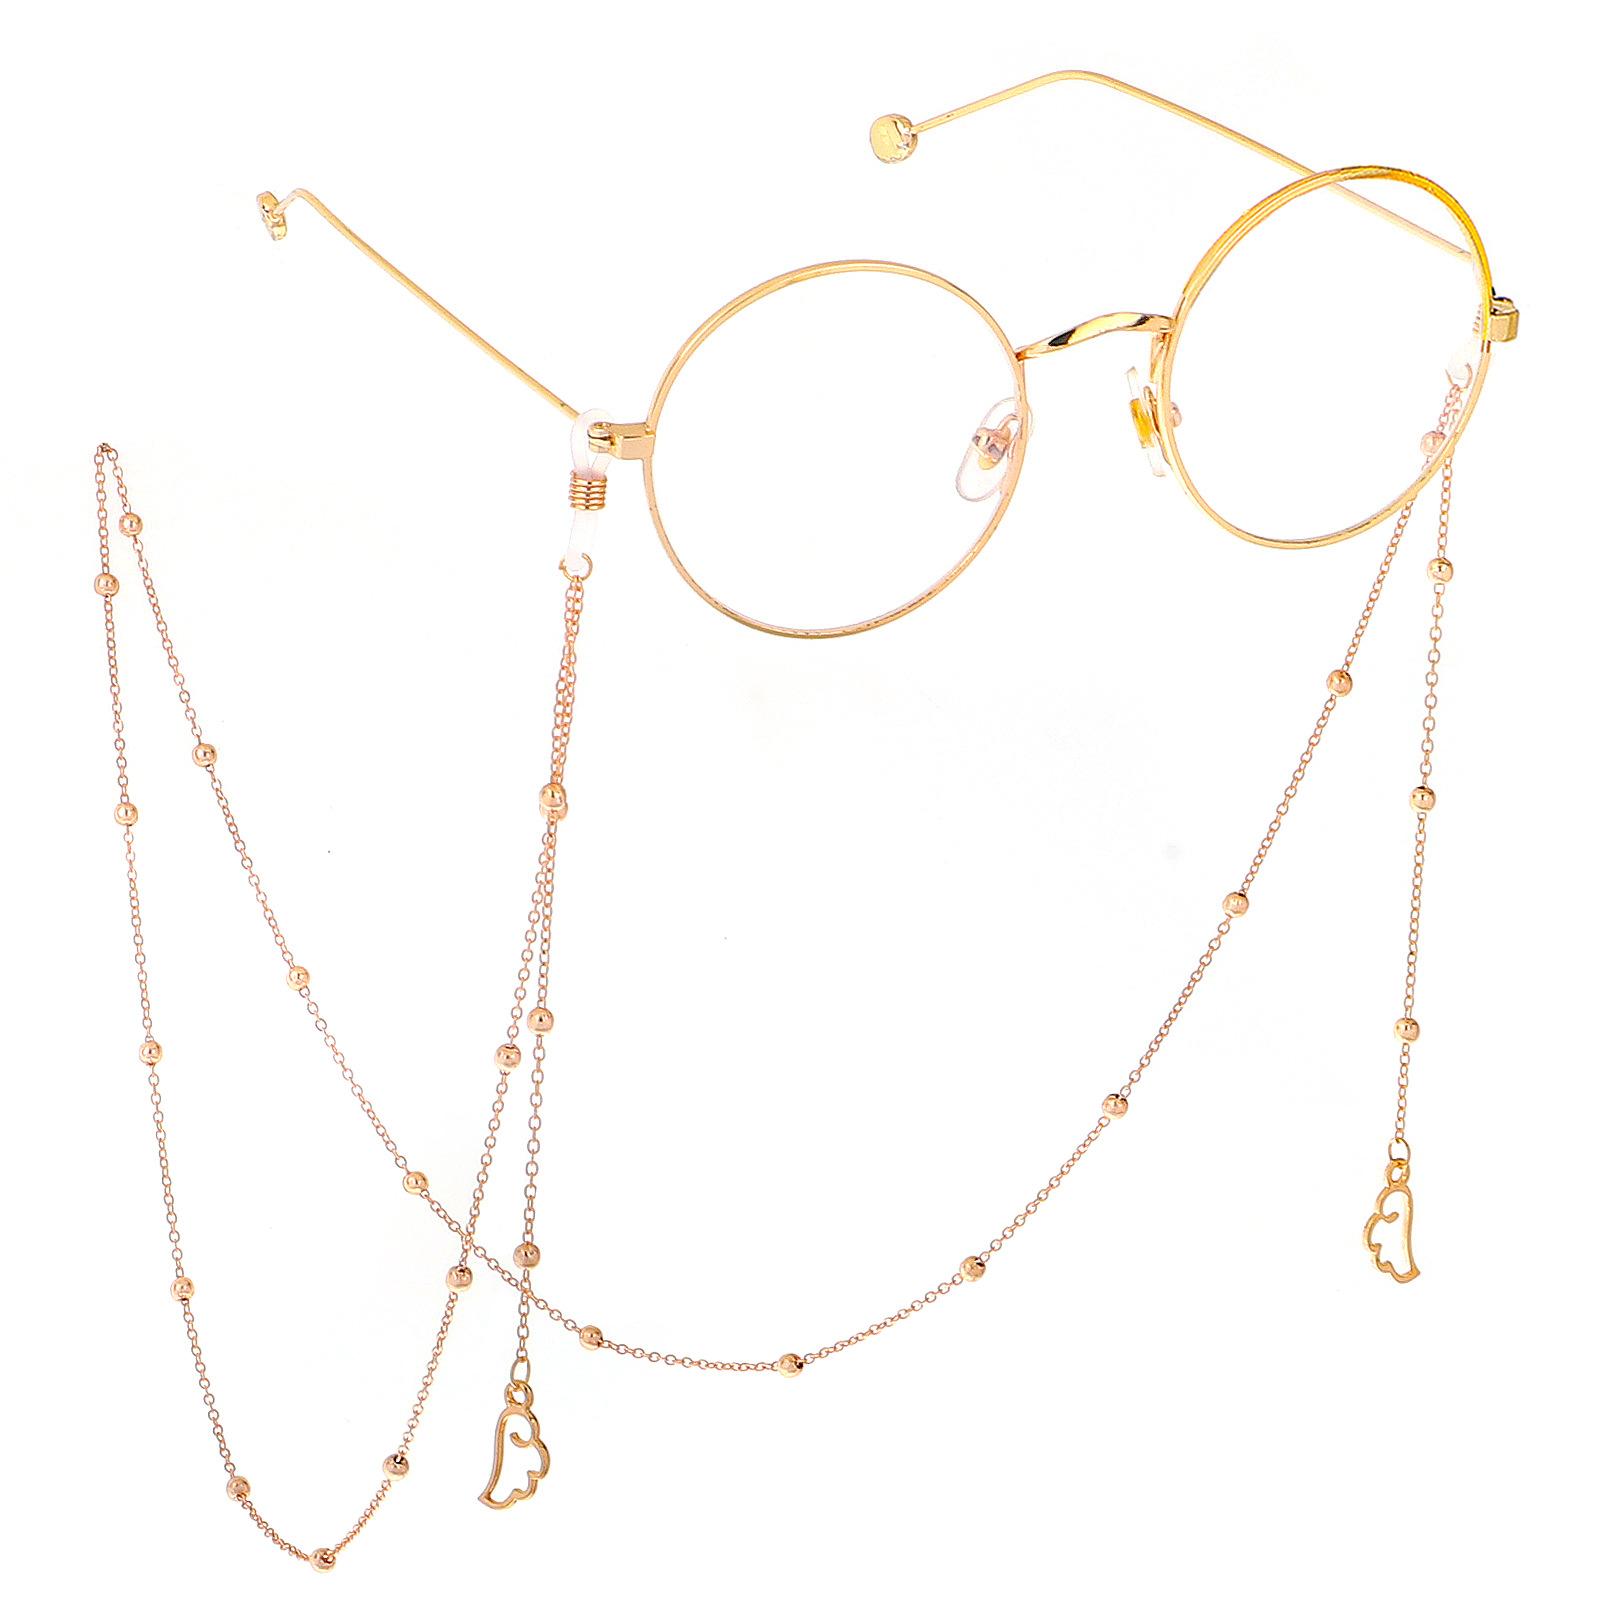 厂家 时尚简金色 天使翅膀保色夹珠眼镜鏈金属链条眼镜链